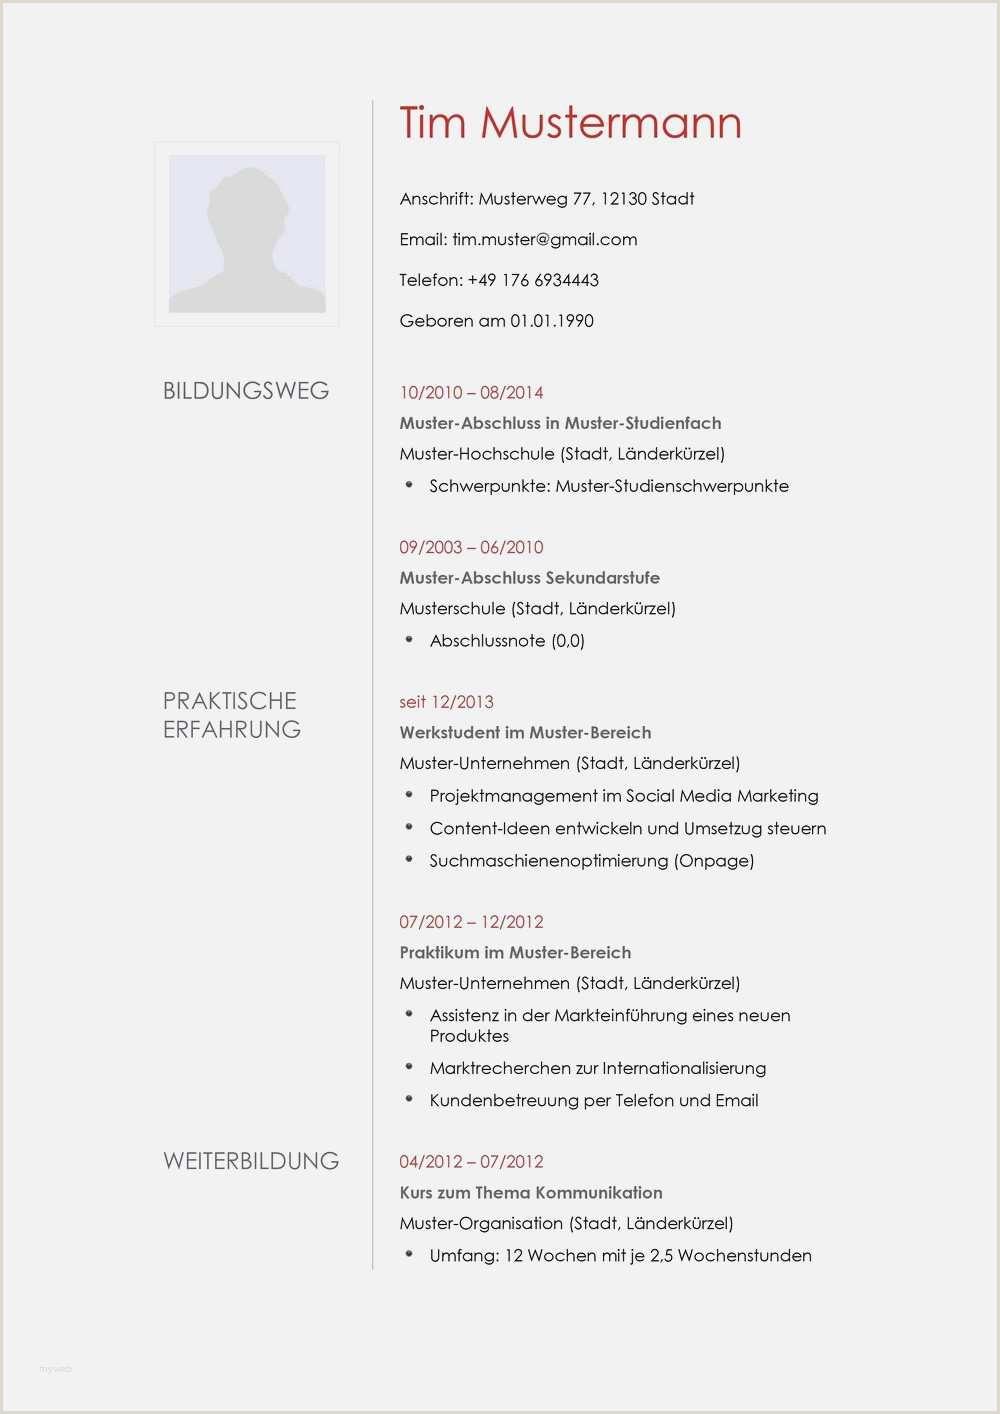 Lebenslauf Muster Gesundheits Und Krankenpfleger Bewerbung Wissenschaftlicher Mitarbeiter Vorlage Inspiration